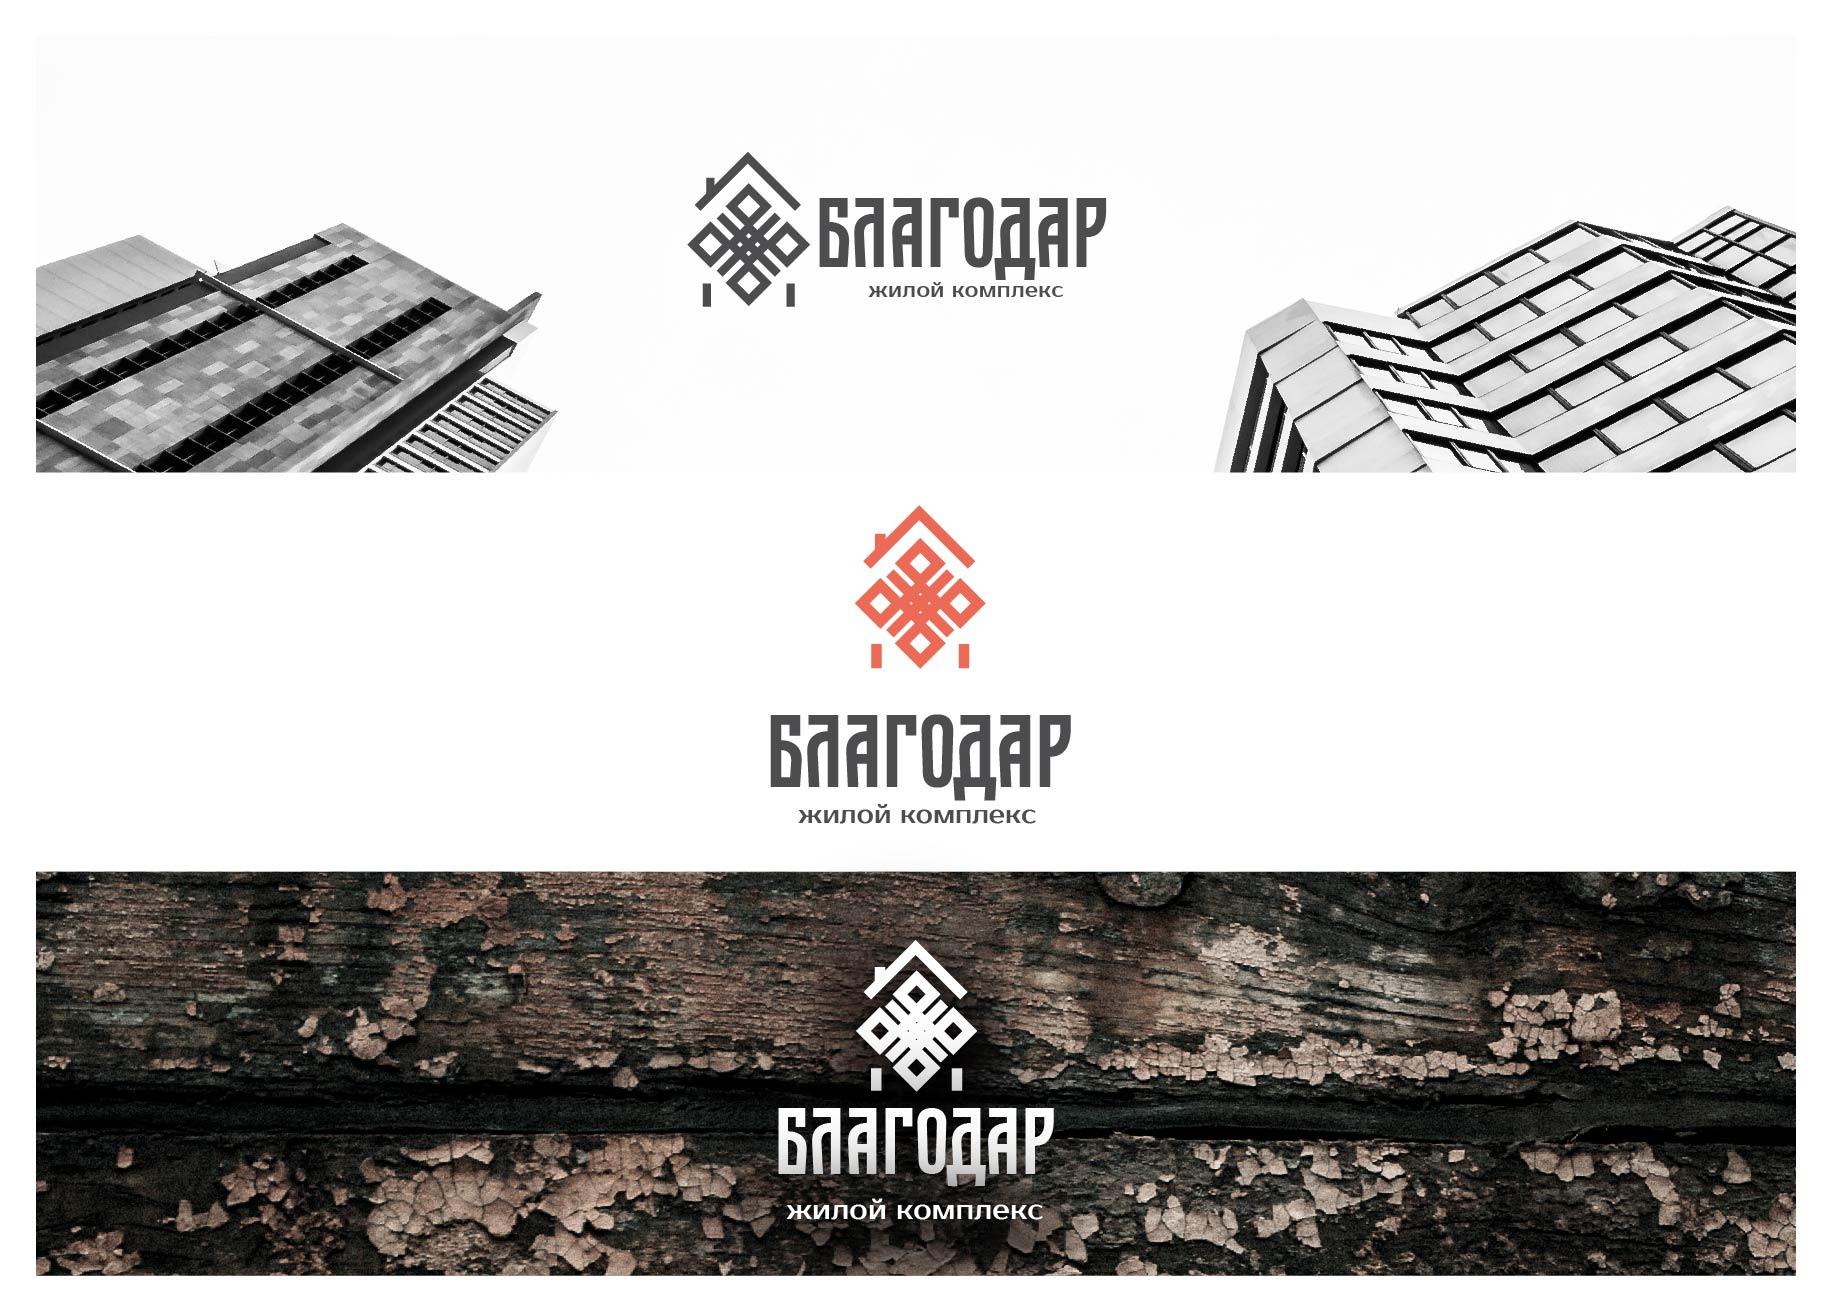 Разработка логотипа и фирменный стиль фото f_892596cc093e6932.jpg